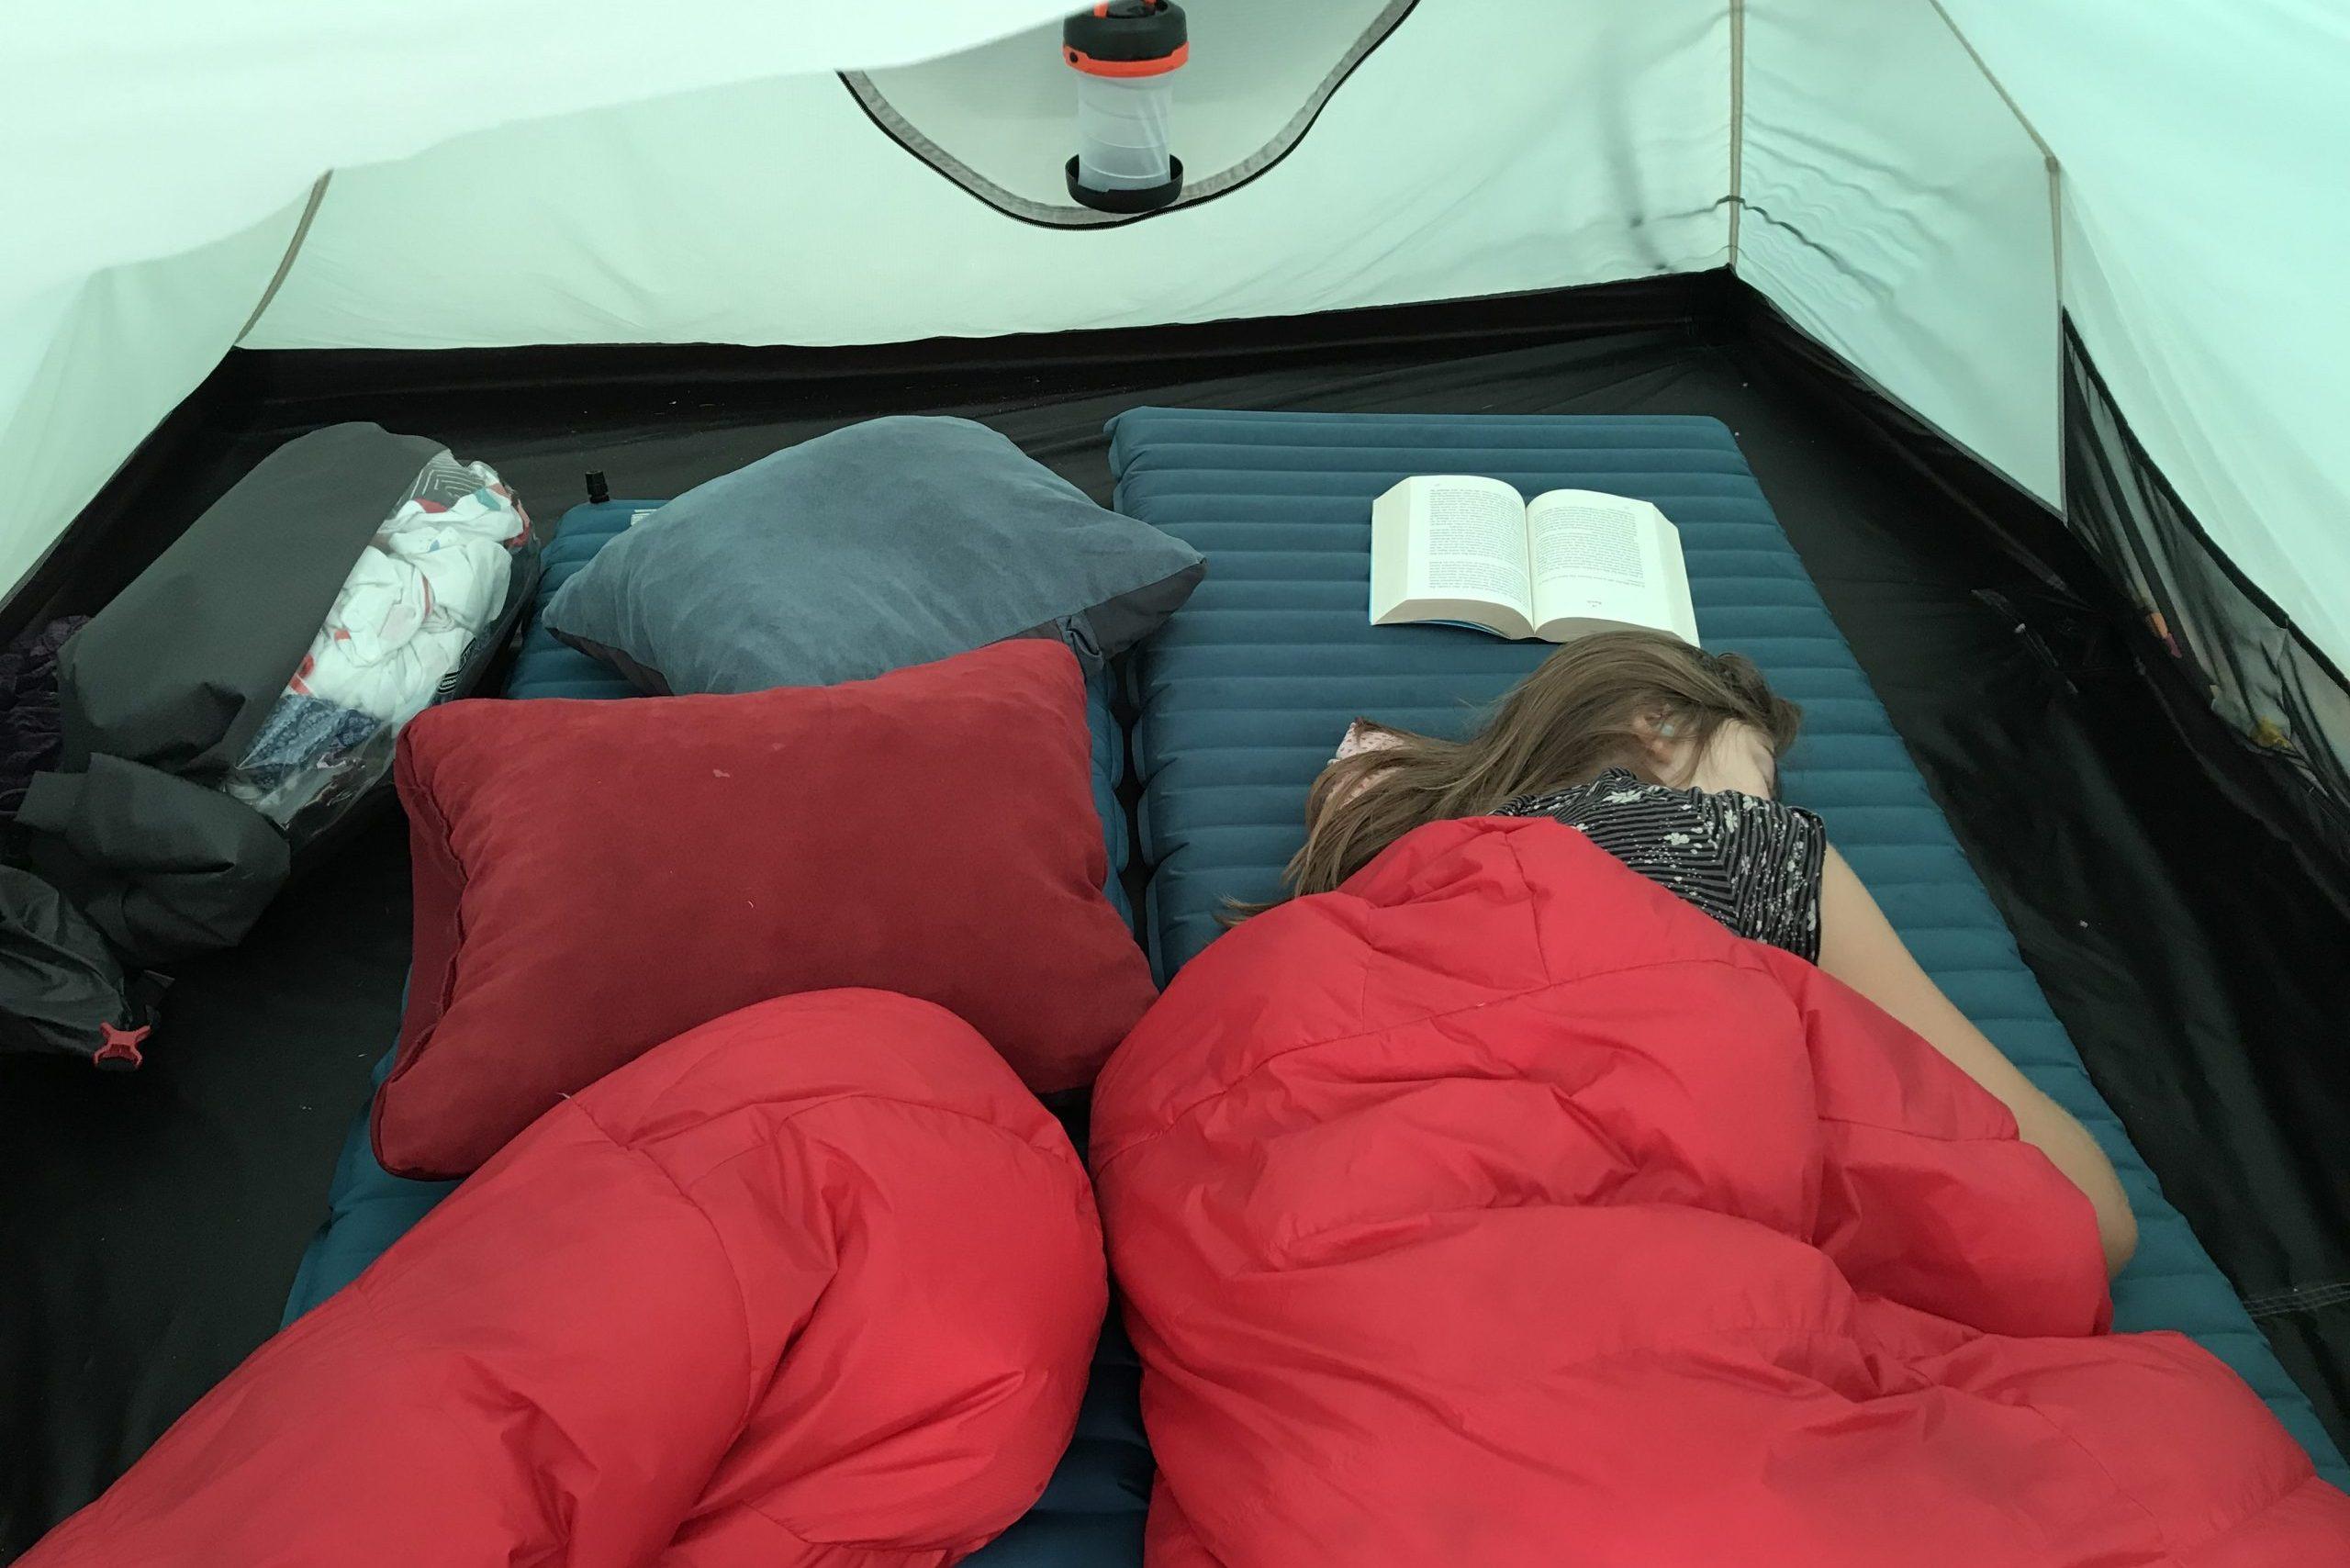 Welche Isomatte brauchen Kinder beim Zelten? Wir helfen bei der Wahl!